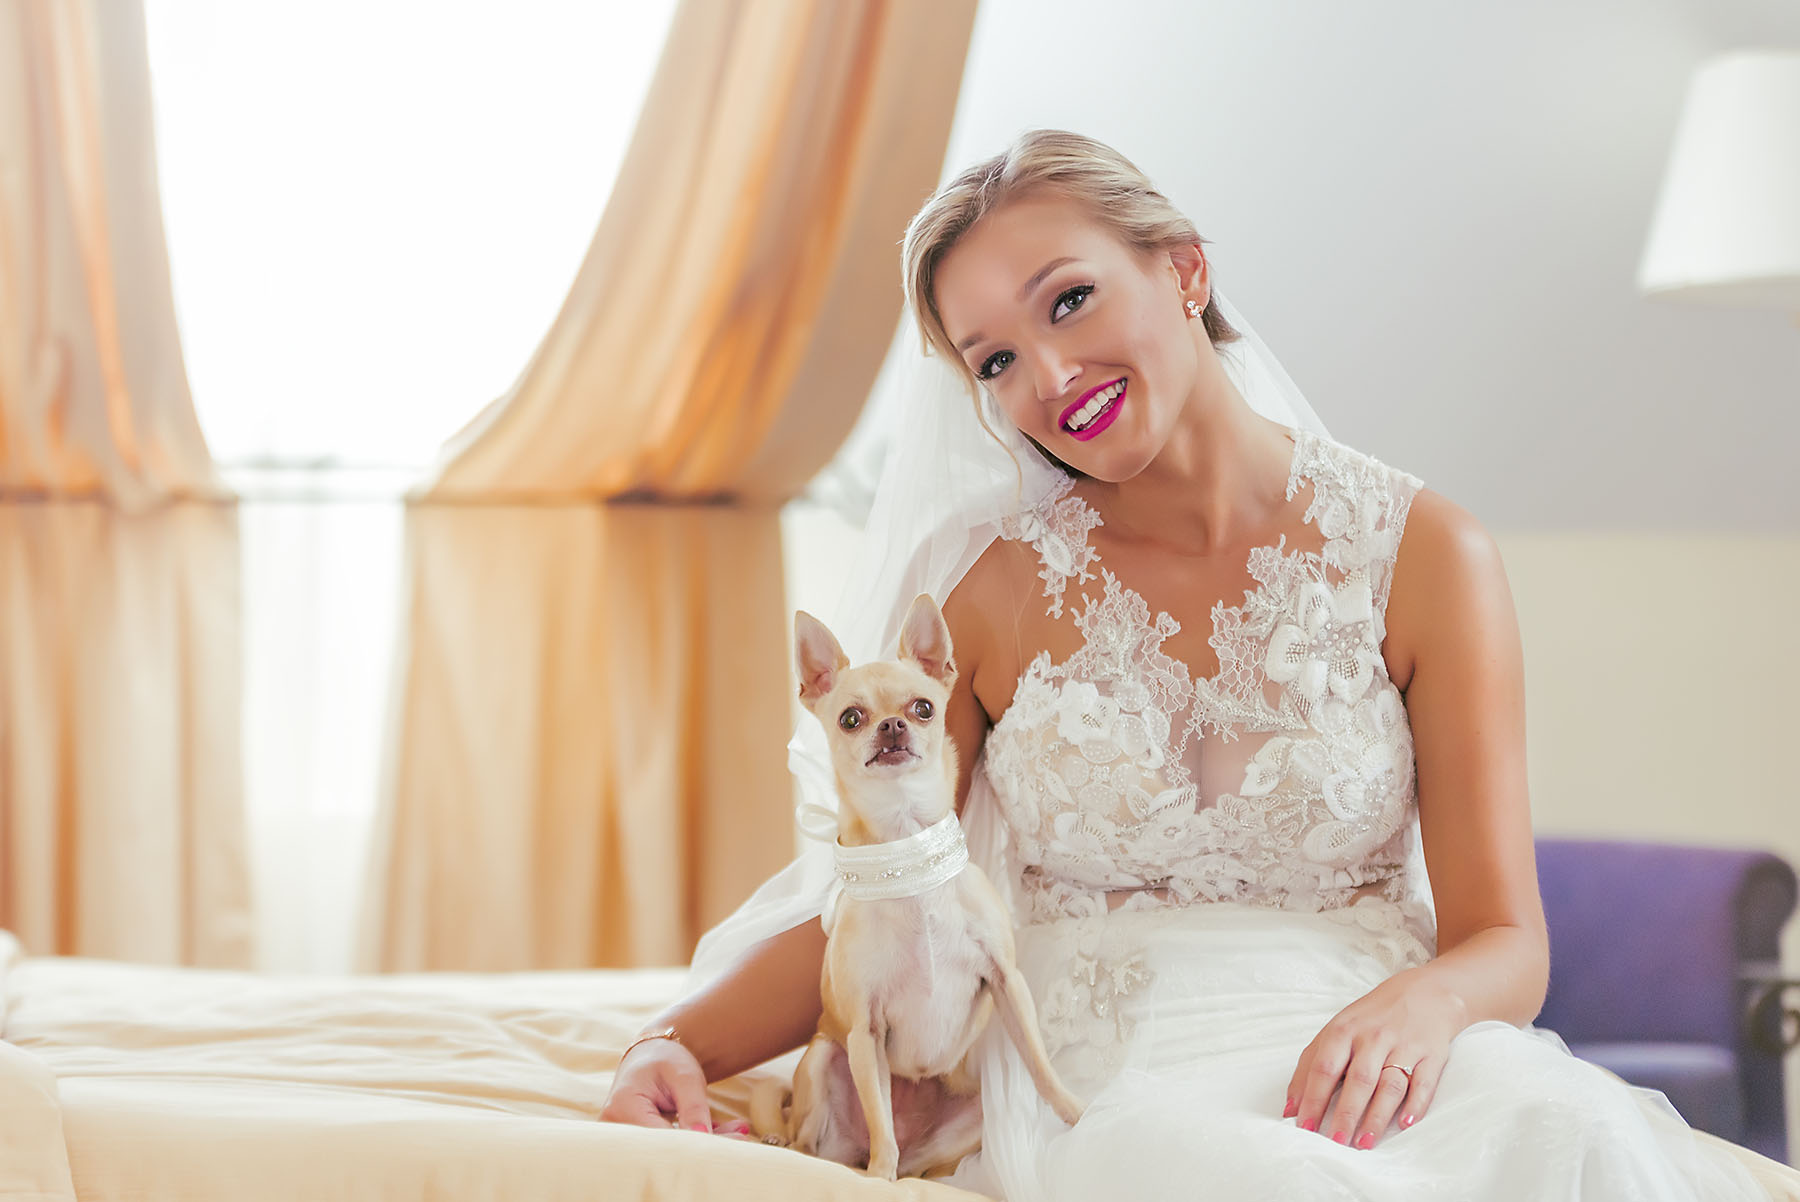 Wedding photographer Bratislava